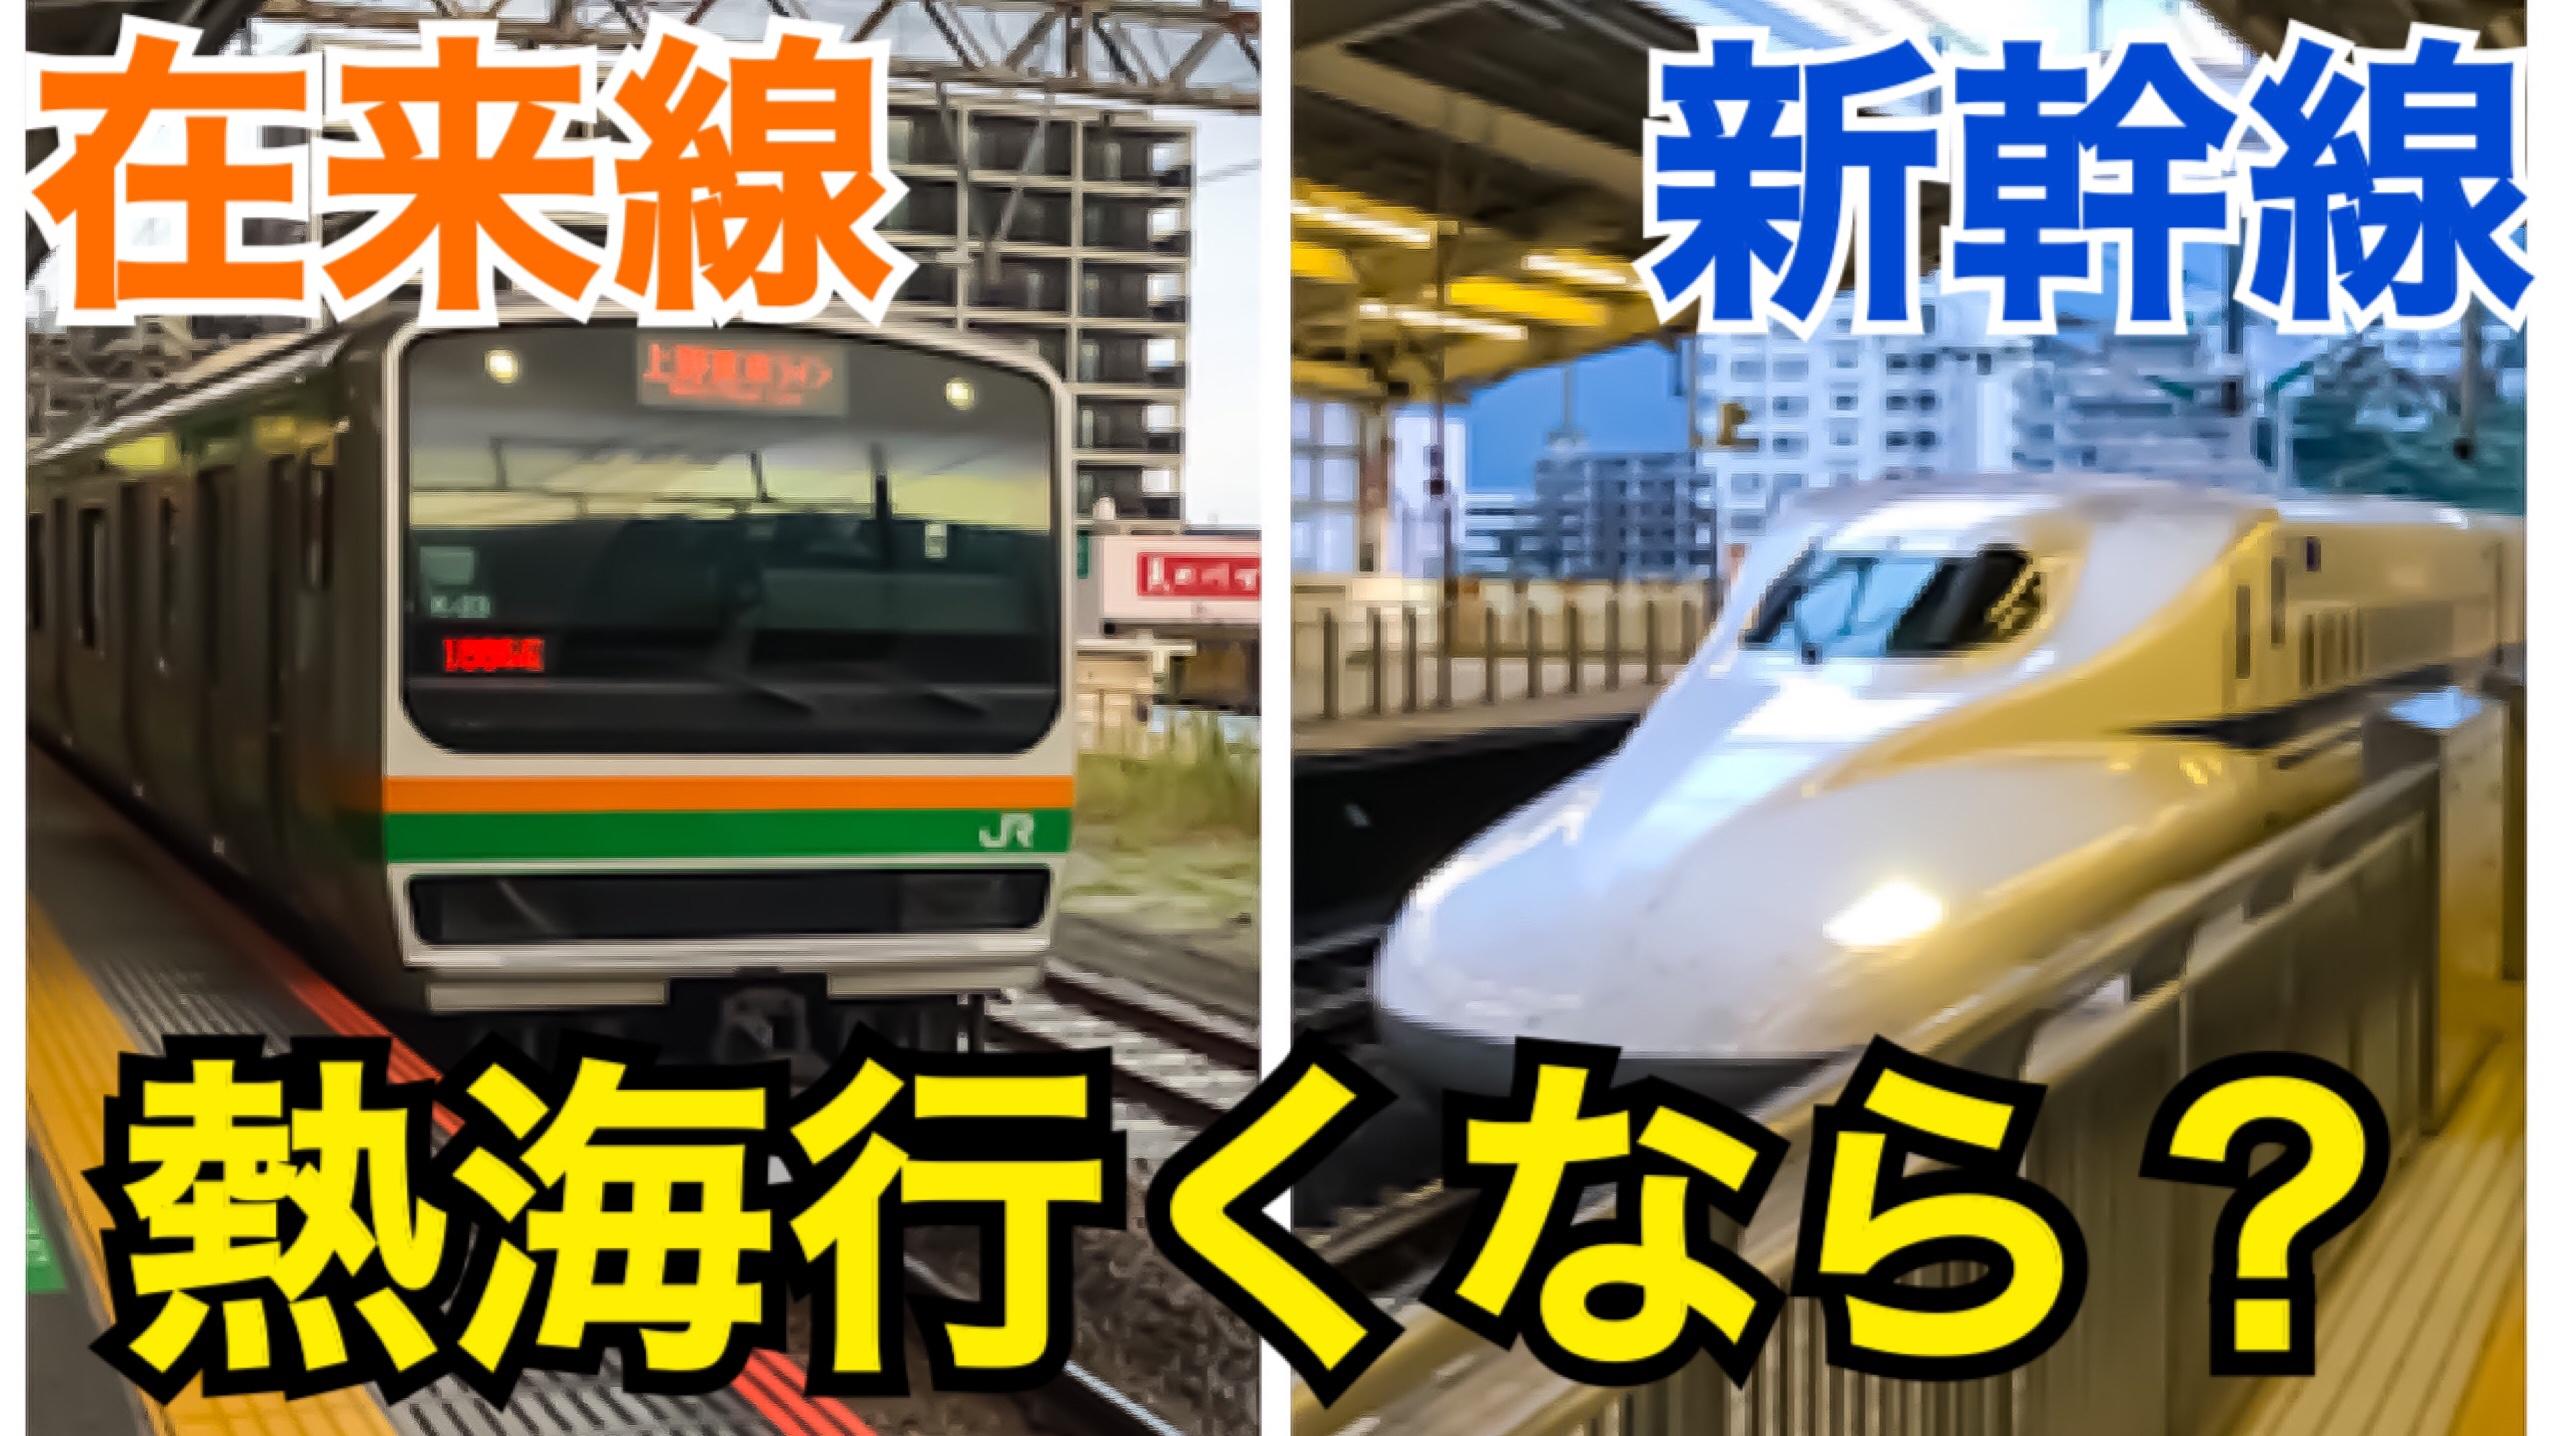 熱海に行くには在来線と新幹線、どっちが便利?